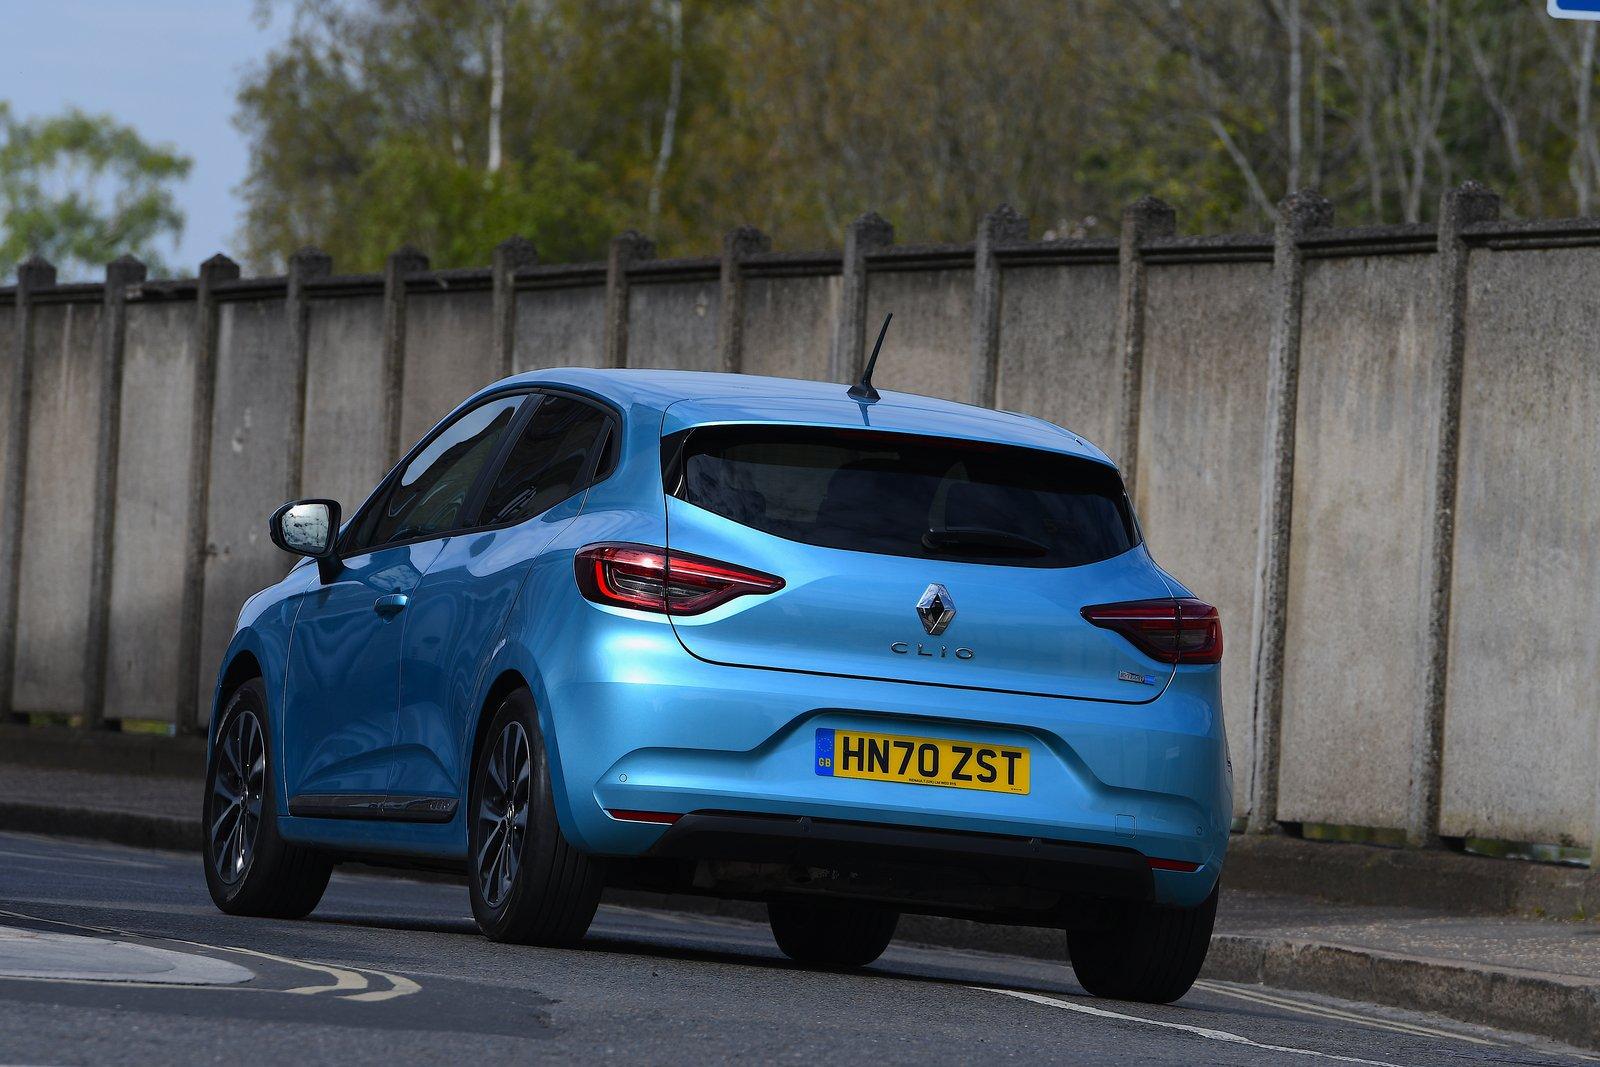 Renault Clio 2021 rear cornering